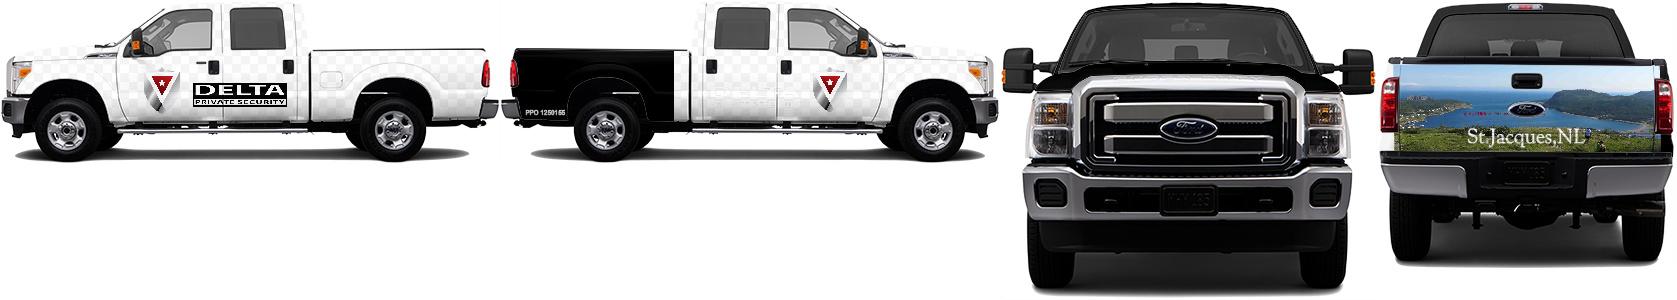 Truck Wrap #48422